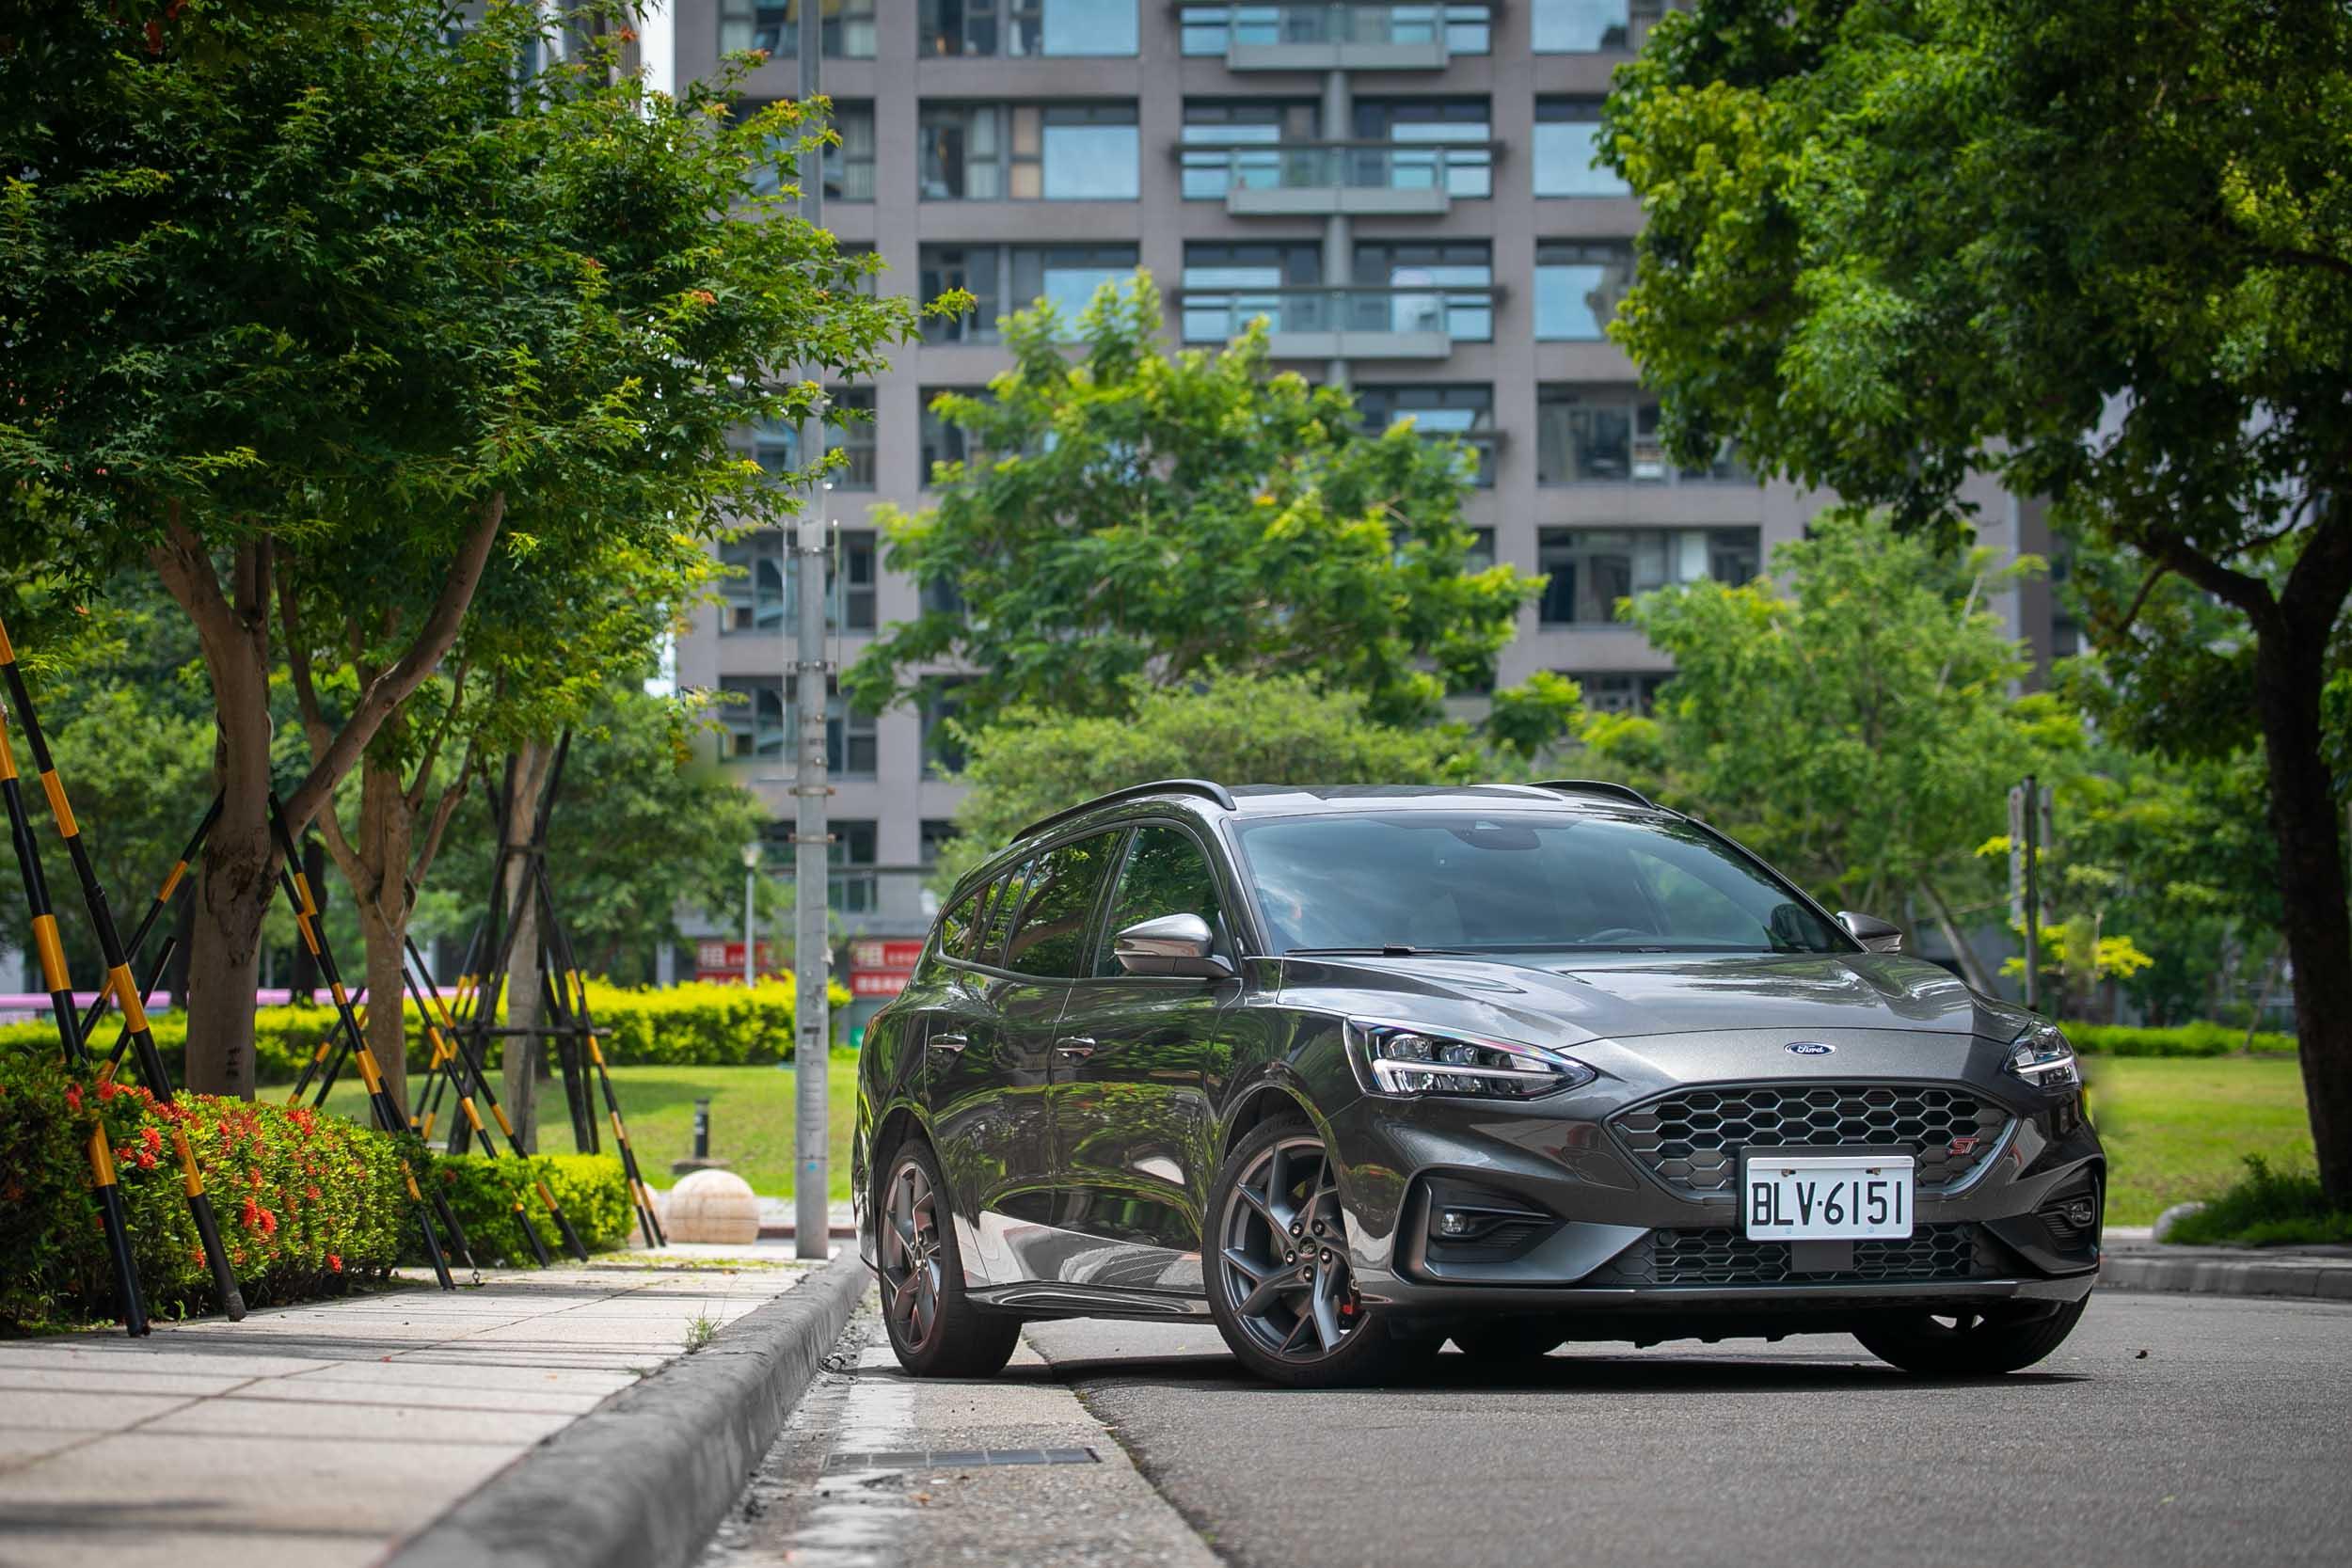 試駕車型為 Ford Focus ST Wagon SLS Edition,售價為新台幣 129.8 萬元。